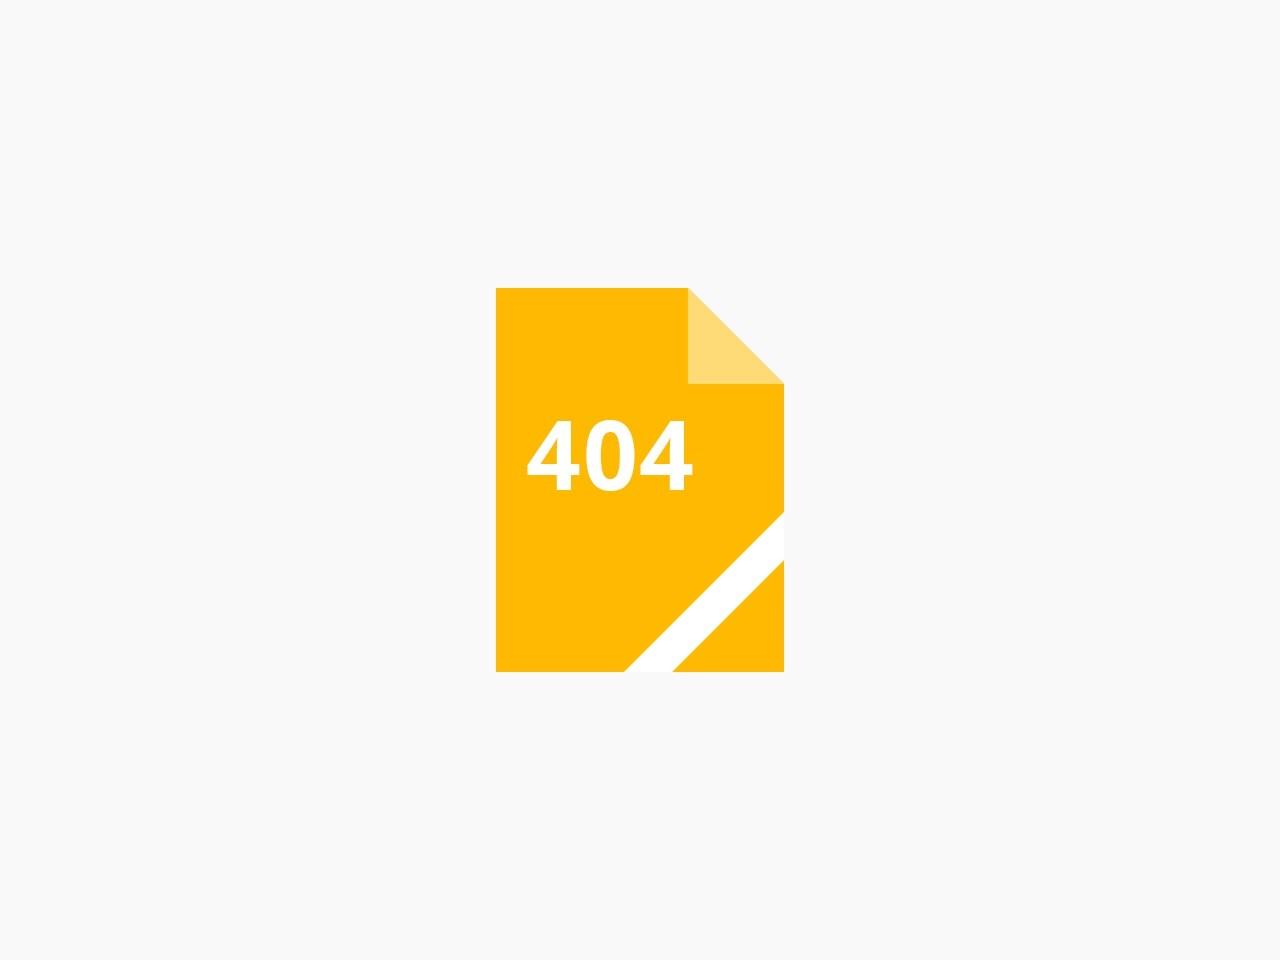 cc漫画网站